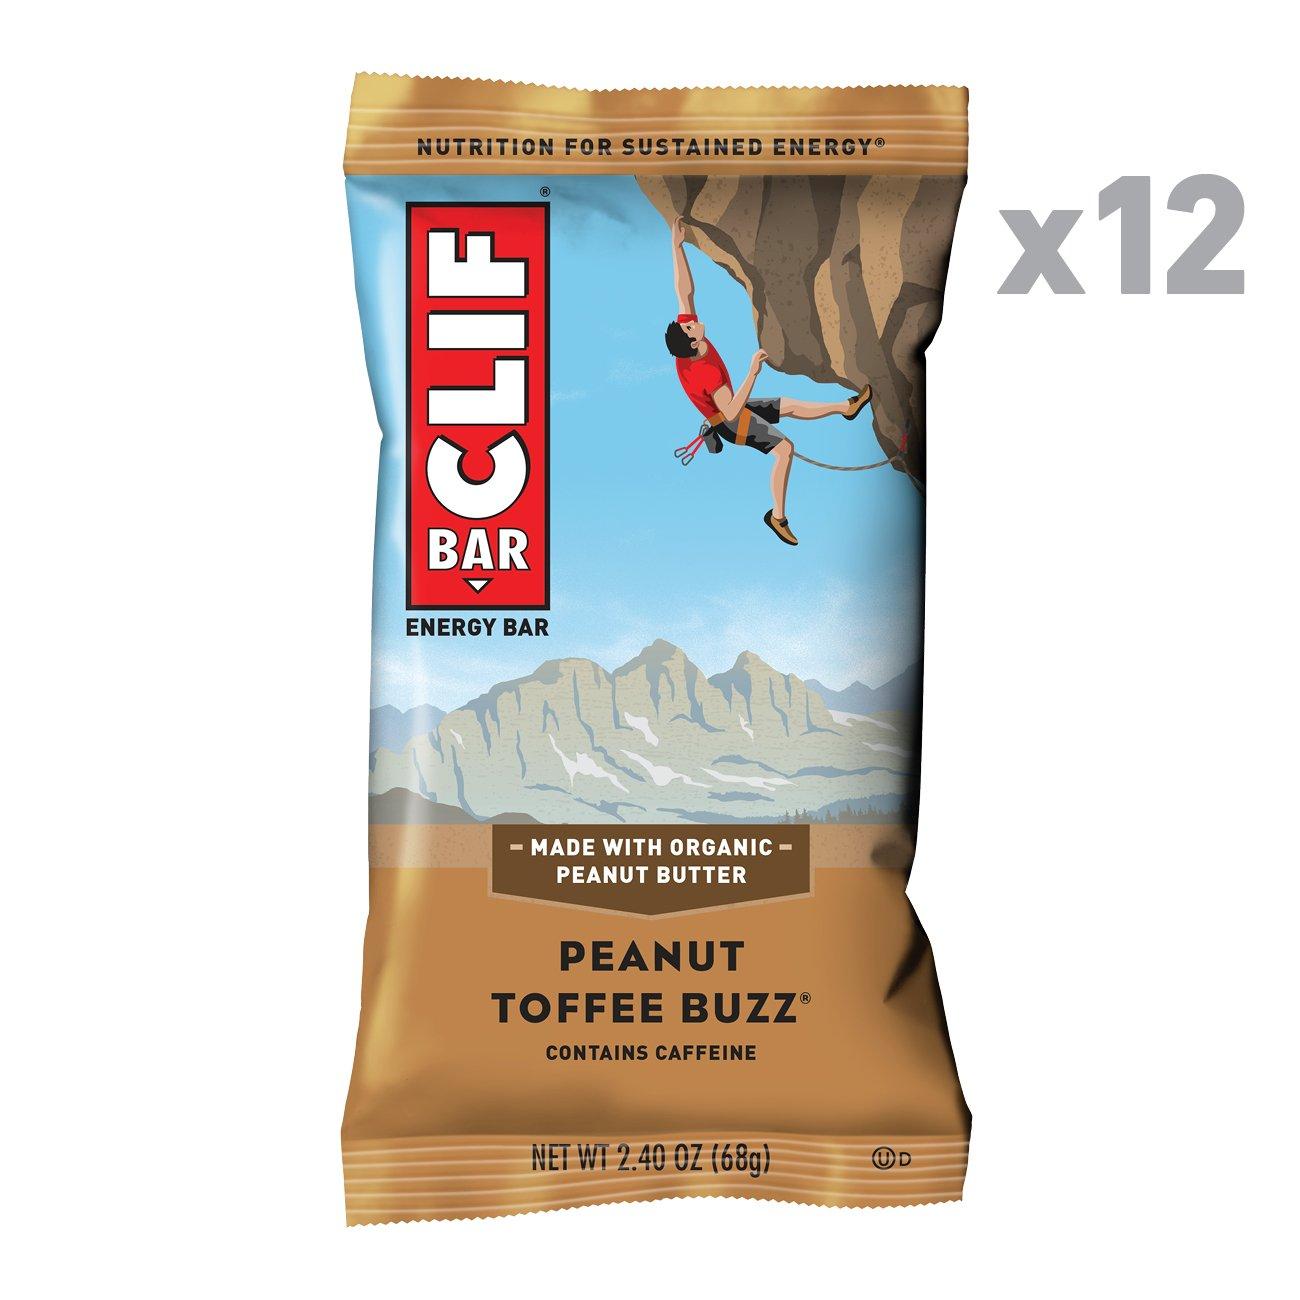 CLIF BAR - Energy Bar - Peanut Toffee Buzz - With Caffeine 2.4 Ounce Protein Bar, 12 Count